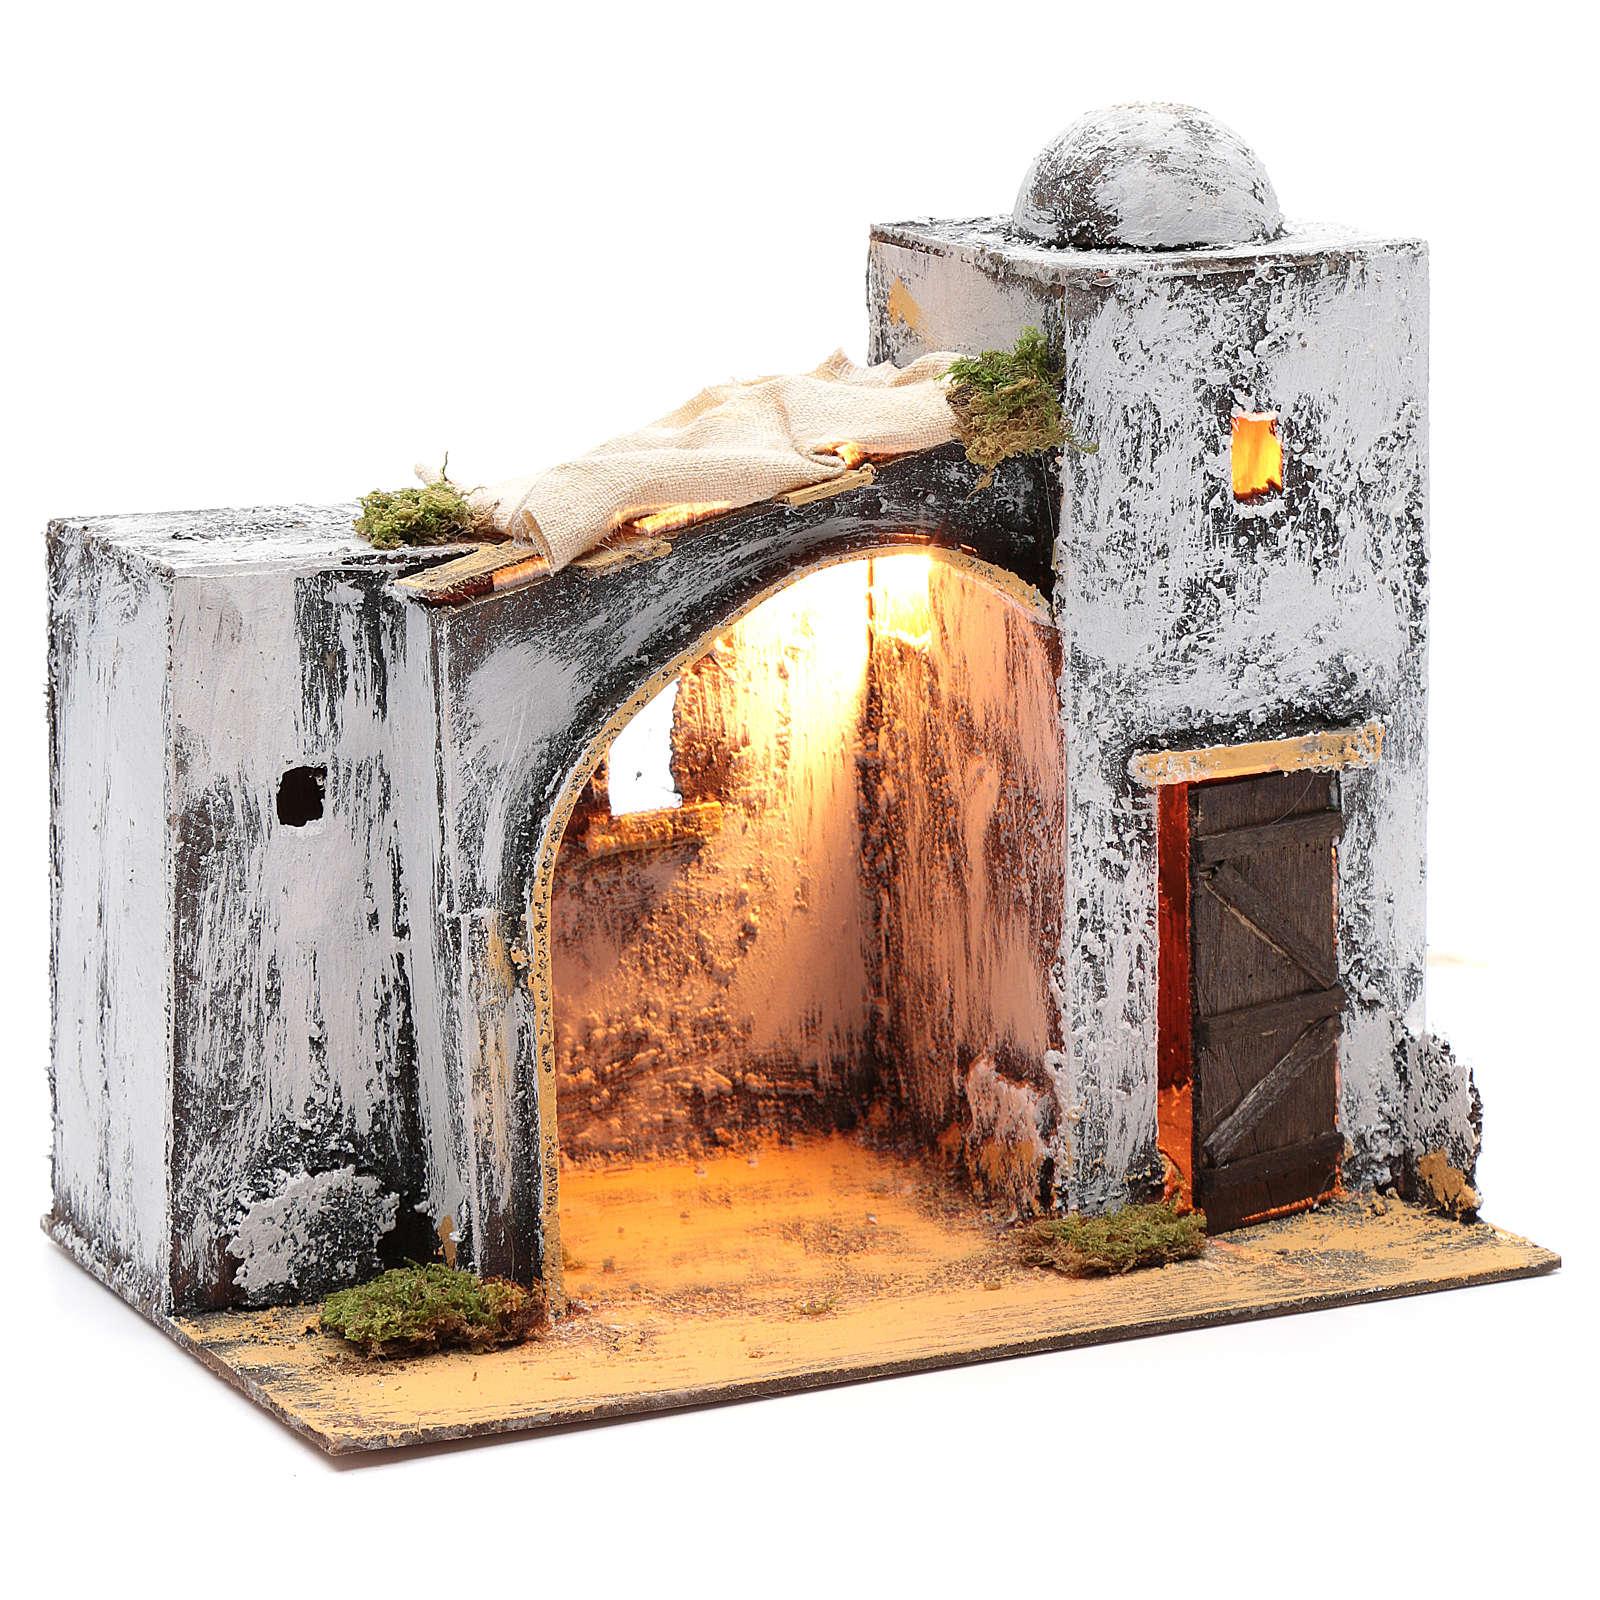 Ambientación árabe puerta y cabaña belén Nápoles 30x30x20 cm 4